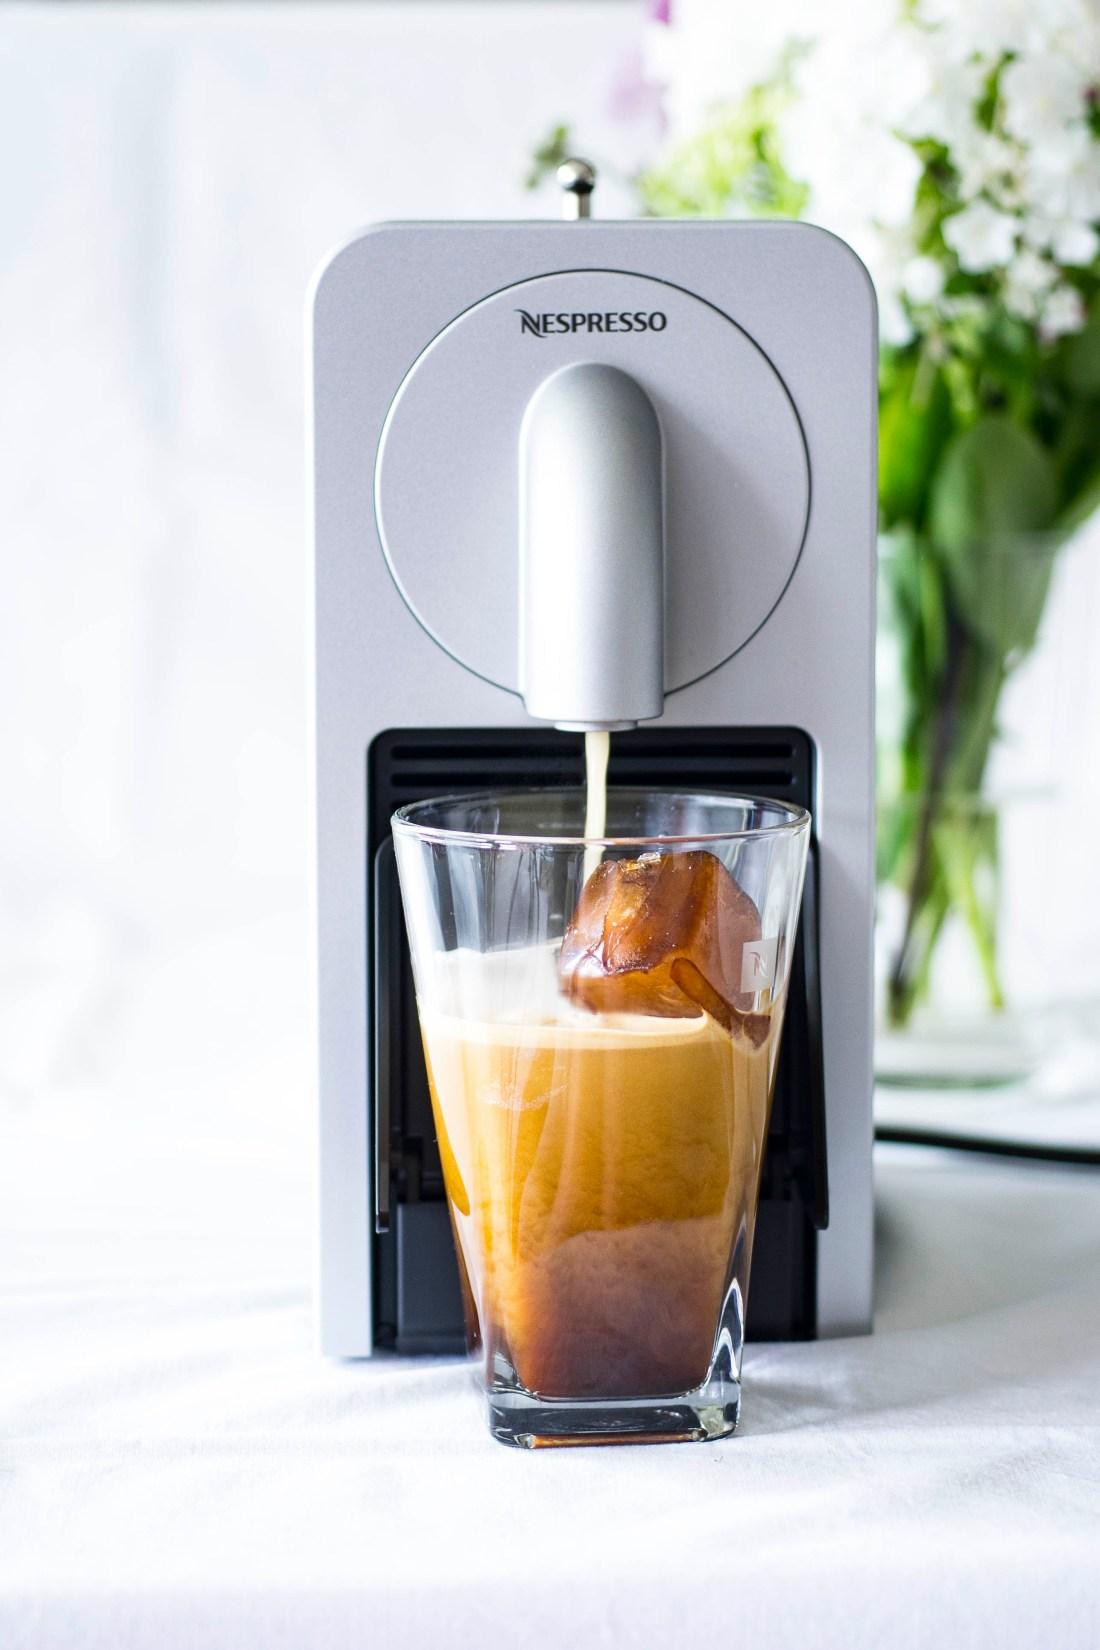 nespresso_iced_coffee (1 von 1)-2